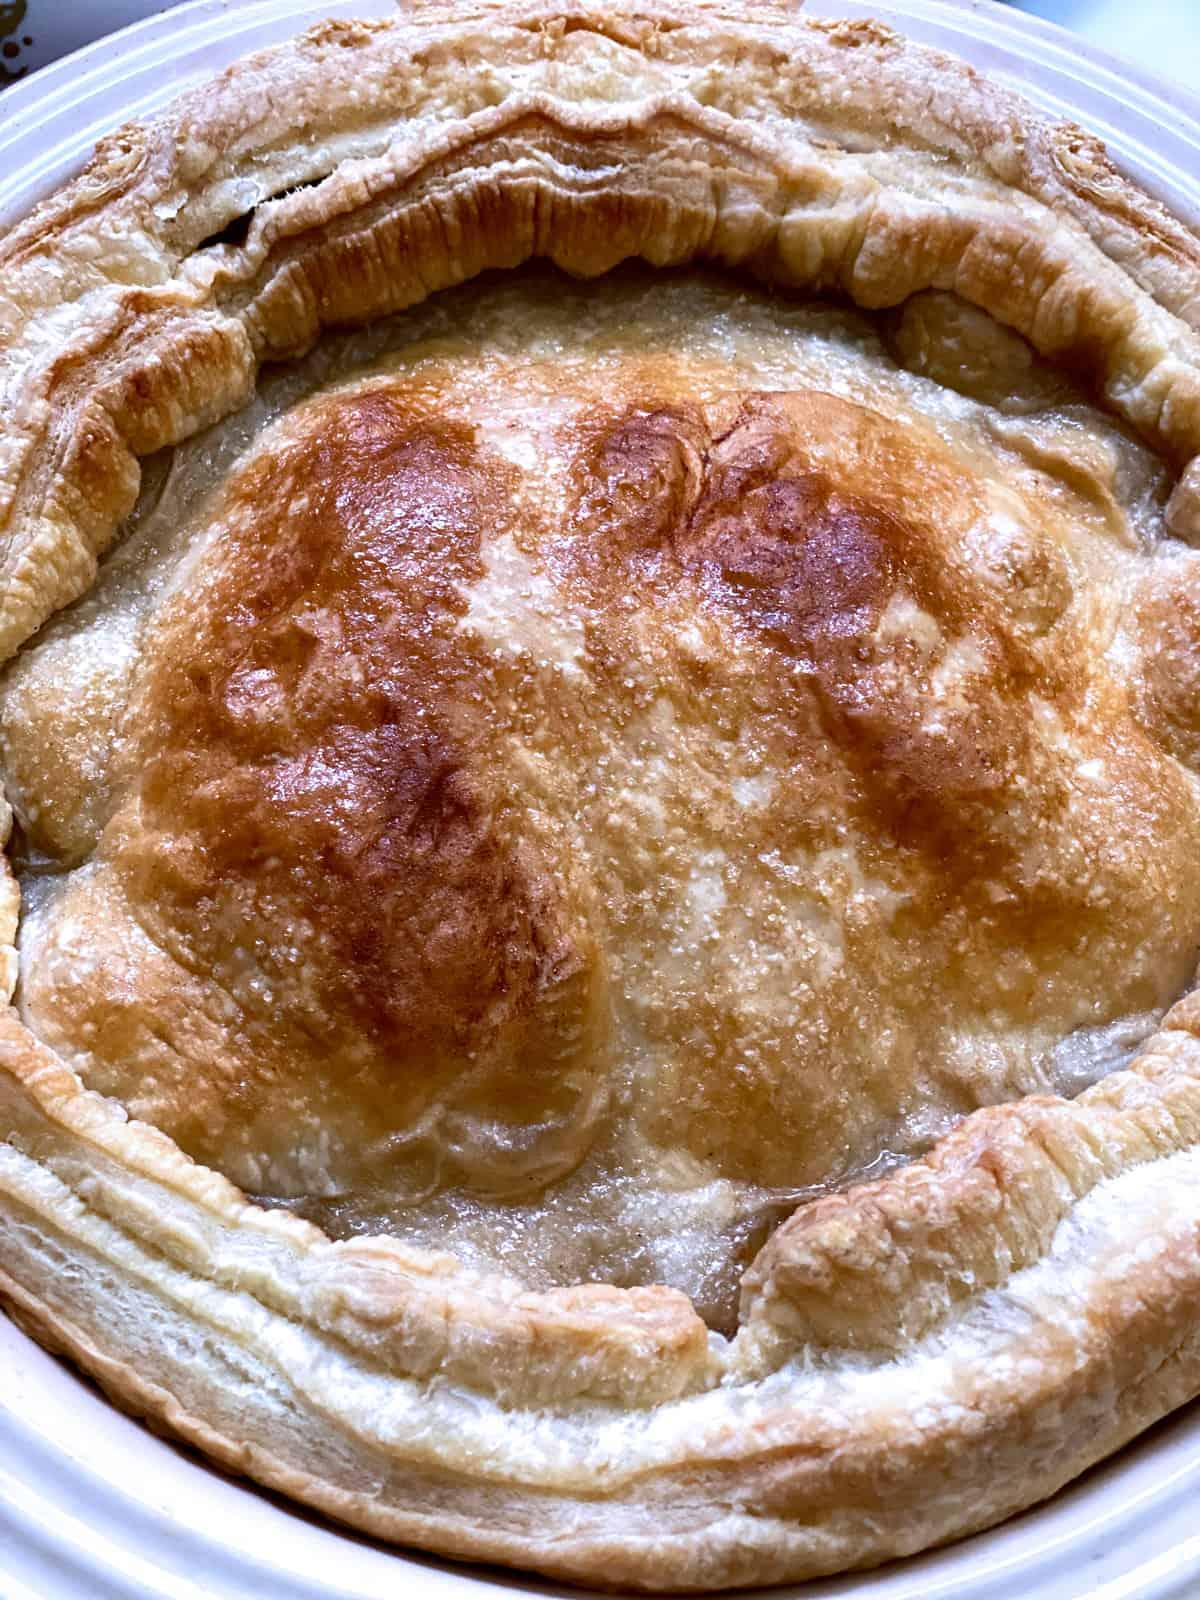 An apple pie in a round tart pan.